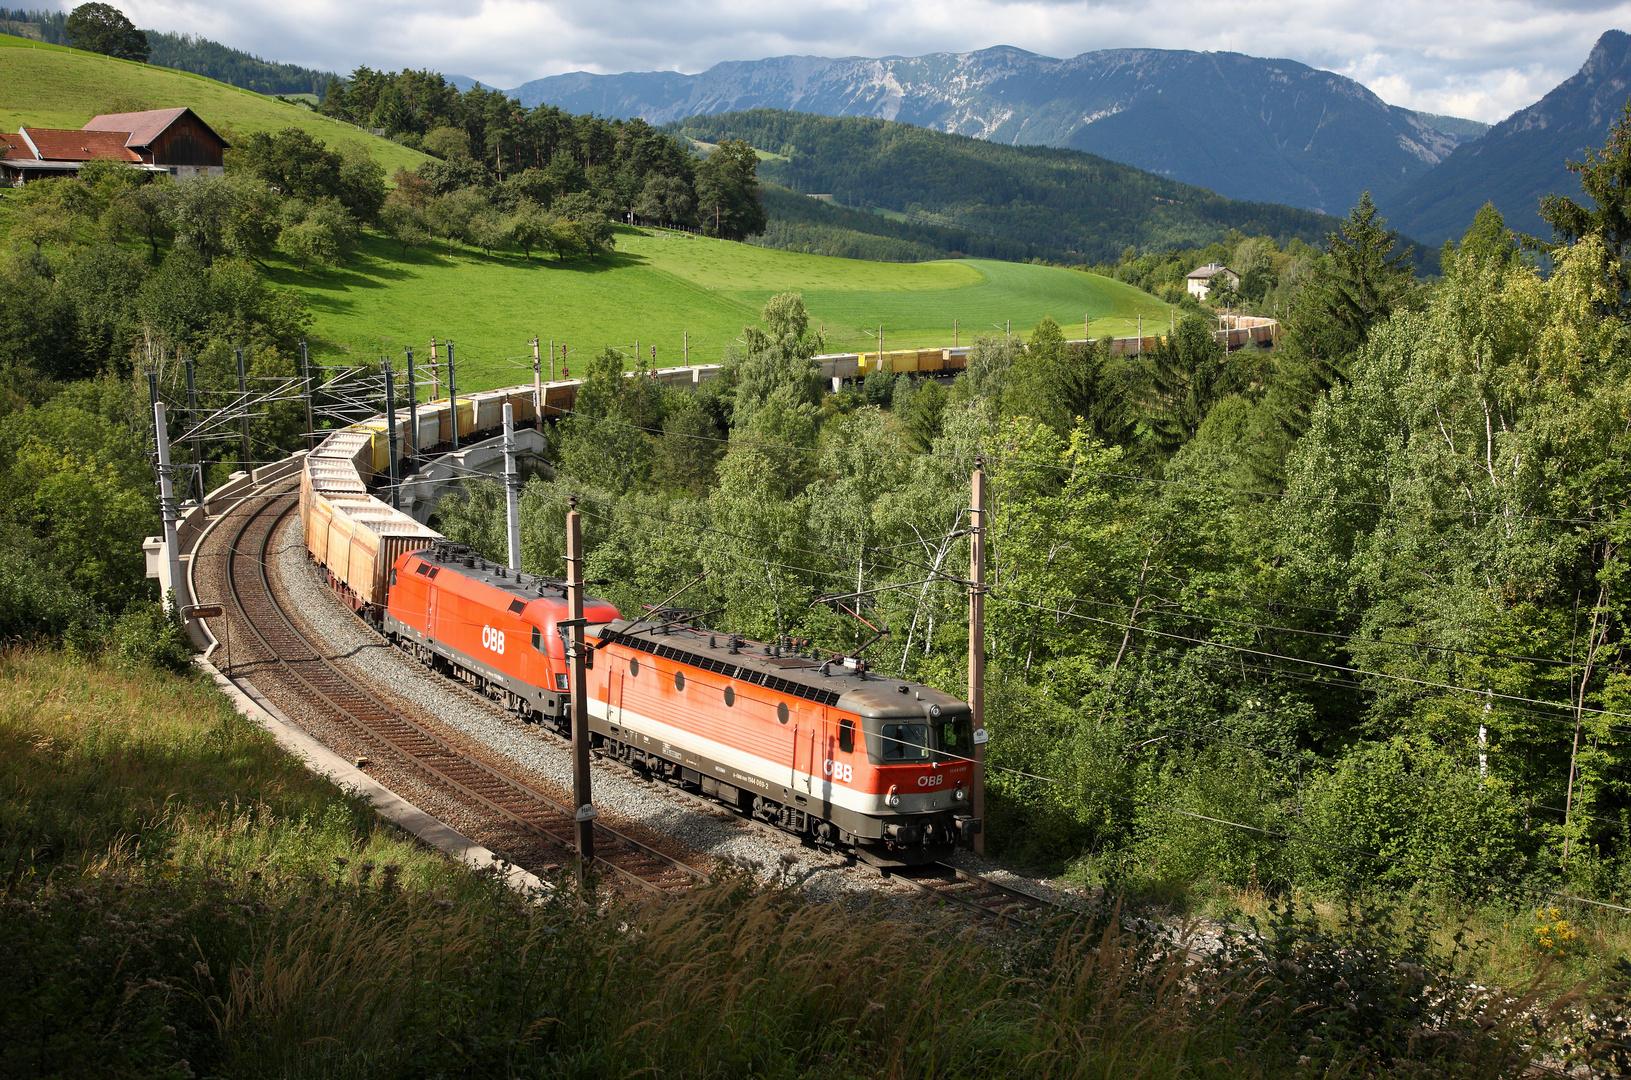 'Gütertransport am Semmering'